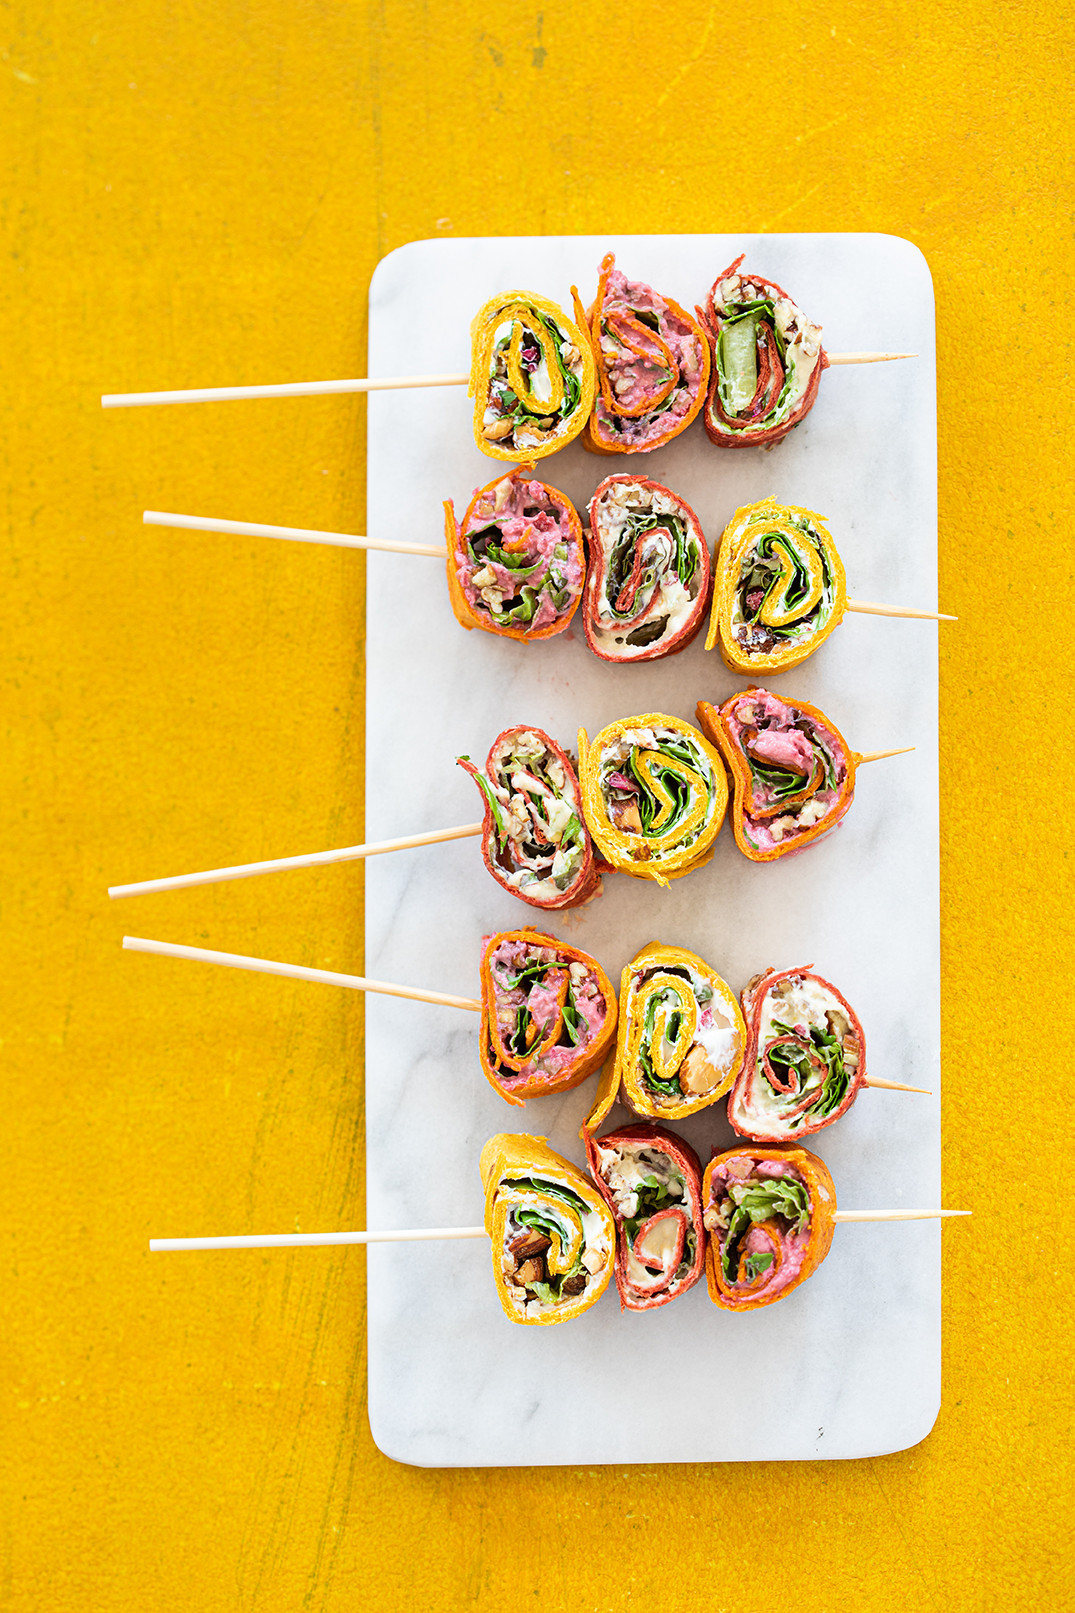 Recepten met wraps: spiesjes